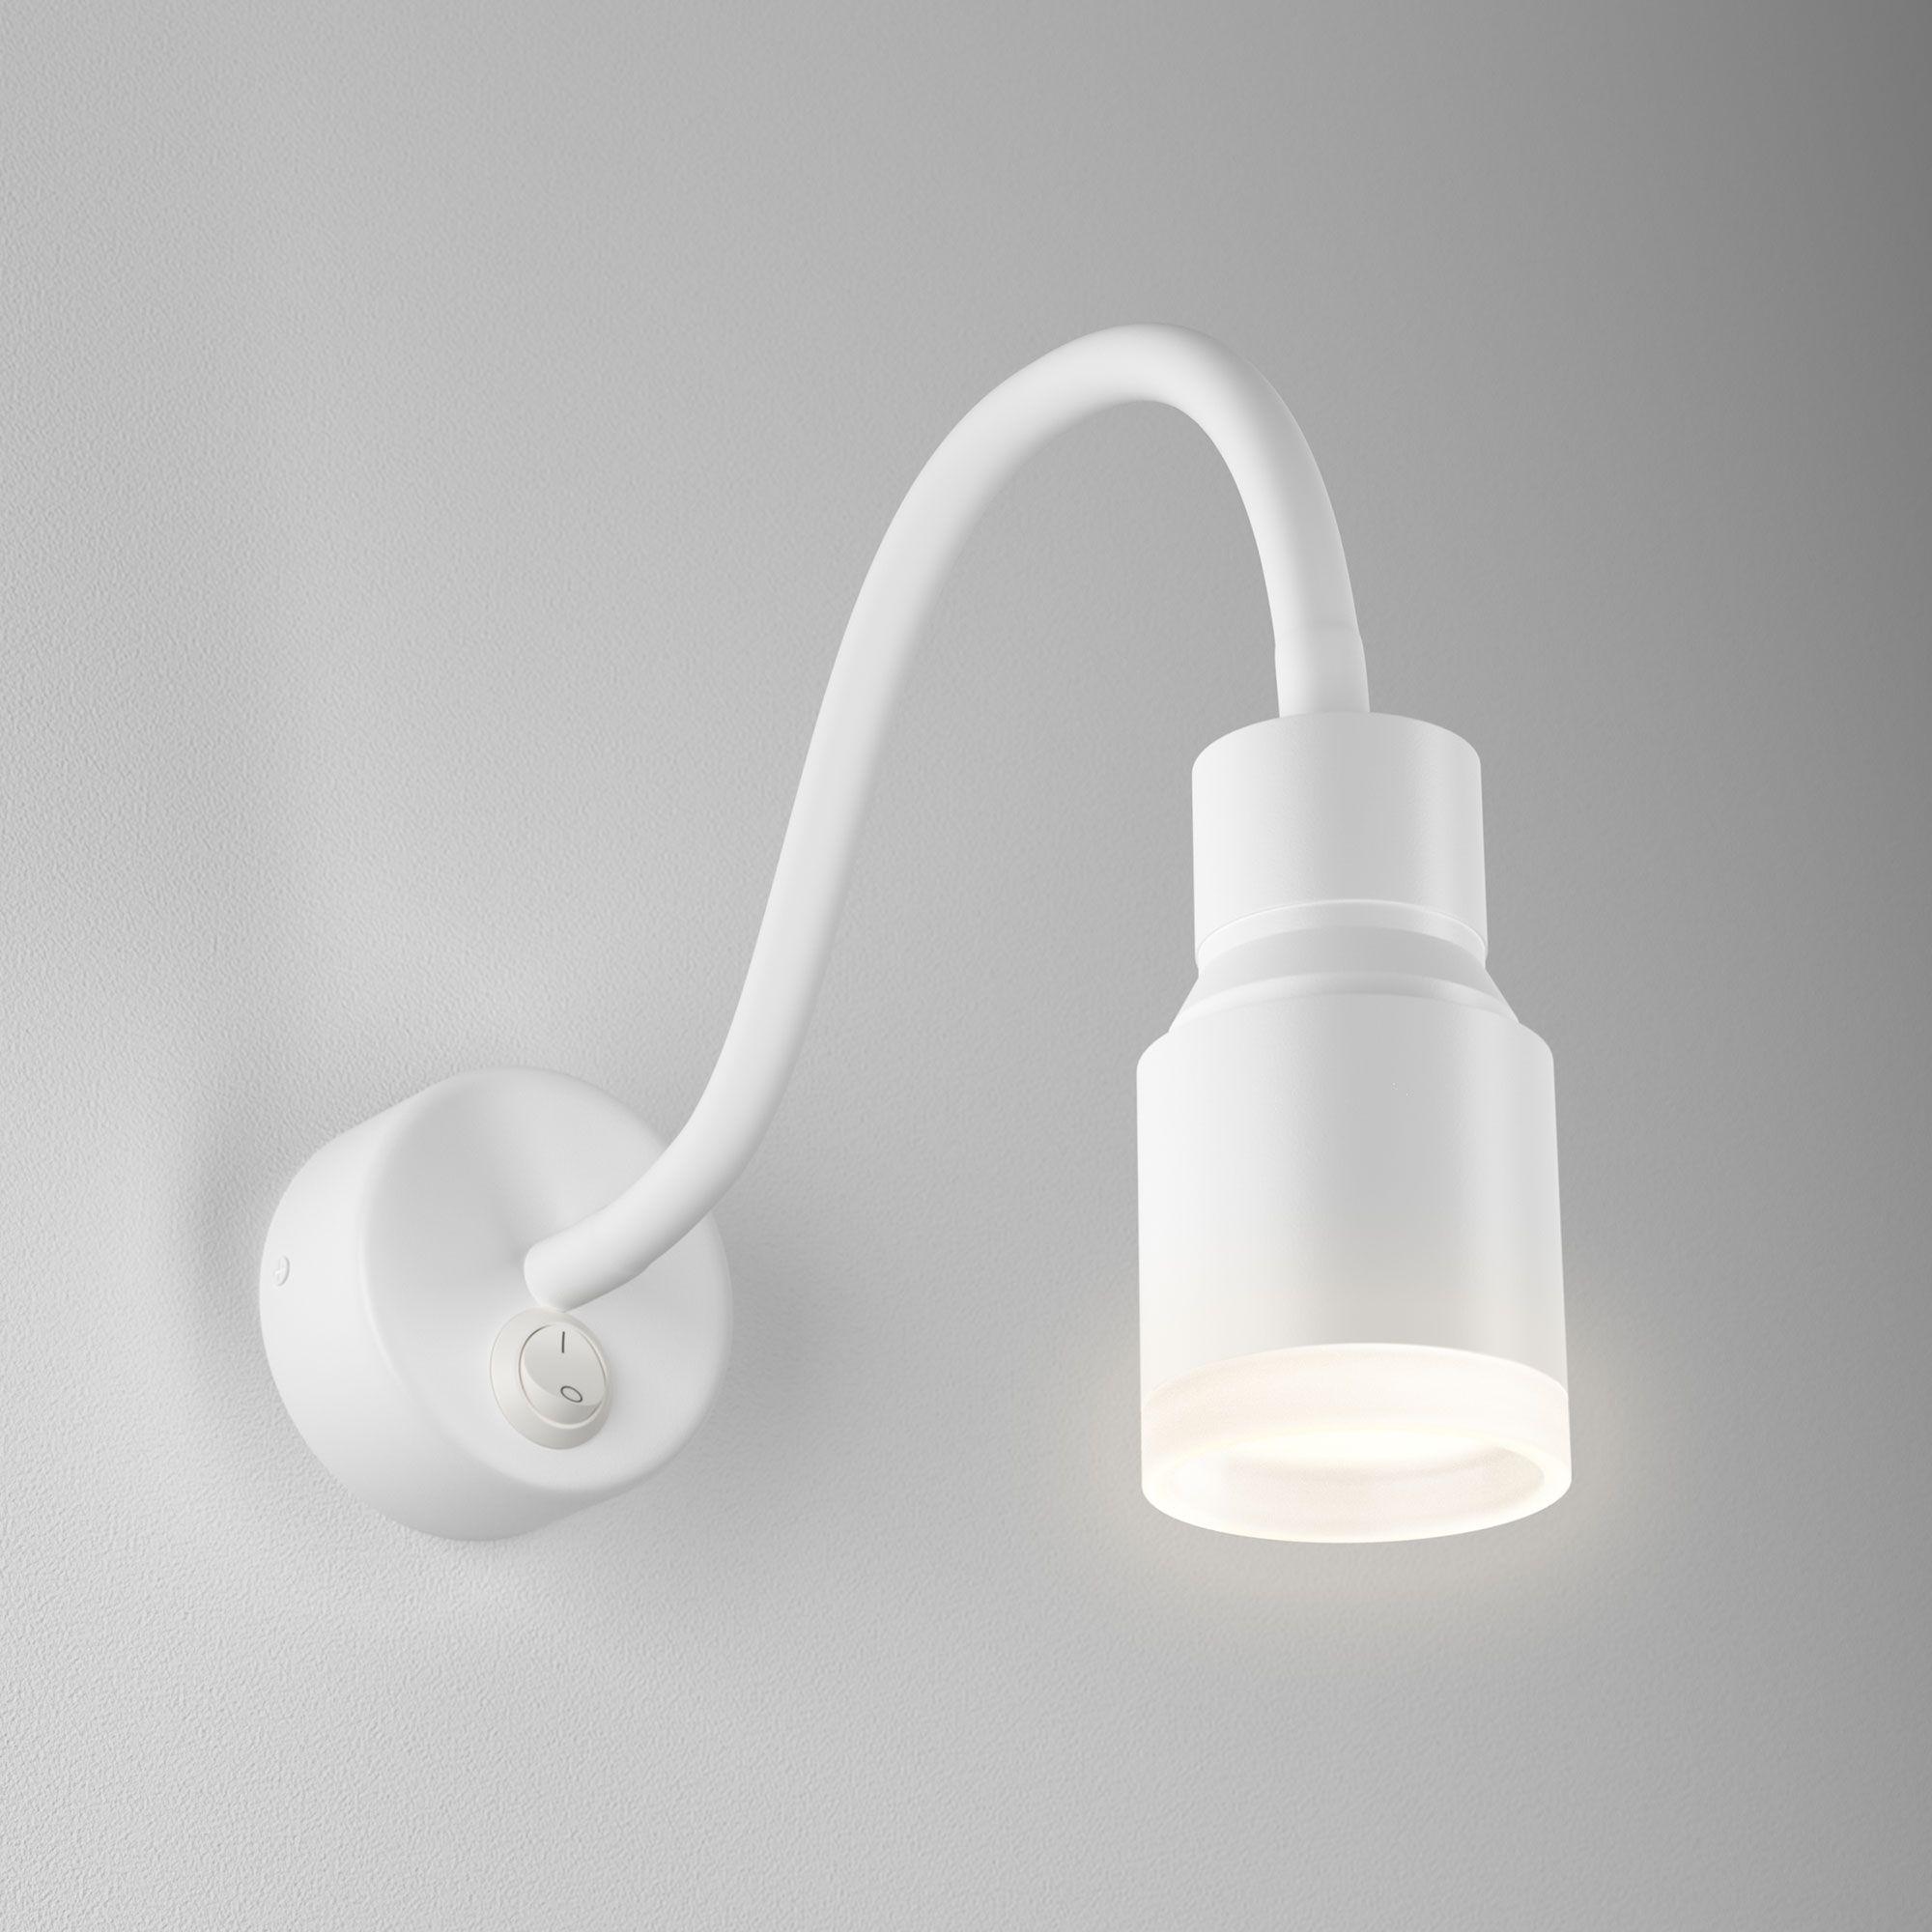 Настенный светодиодный светильник с поворотным плафоном Molly LED белый (MRL LED 1015)